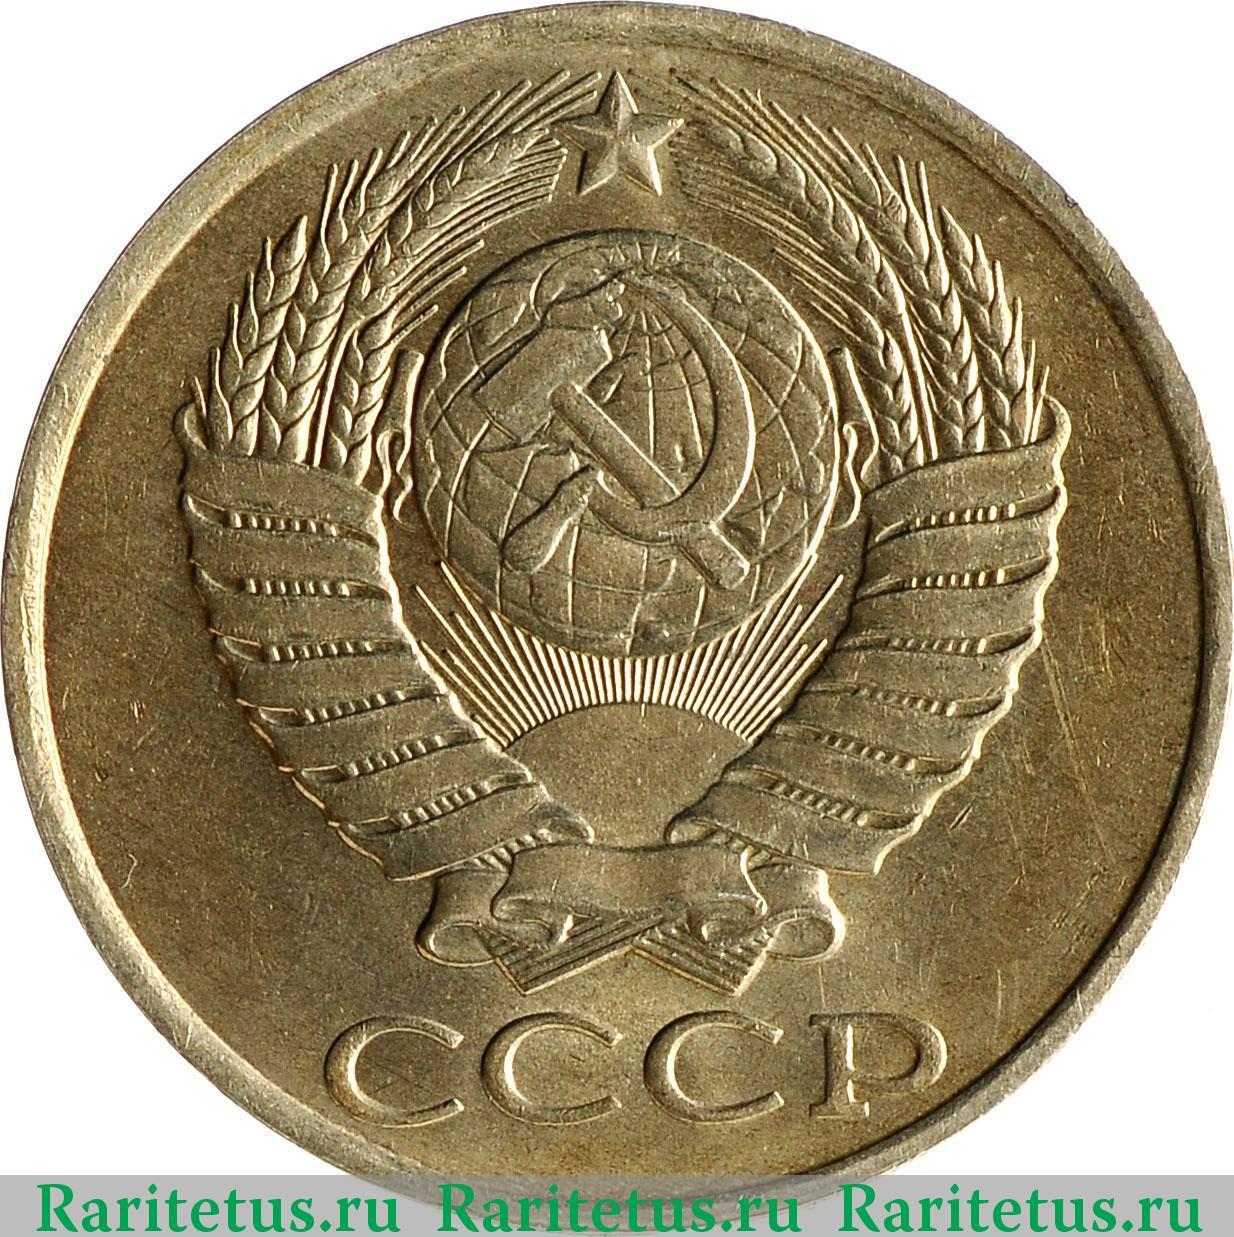 50 копеек 1986 года российские юбилейные десятки